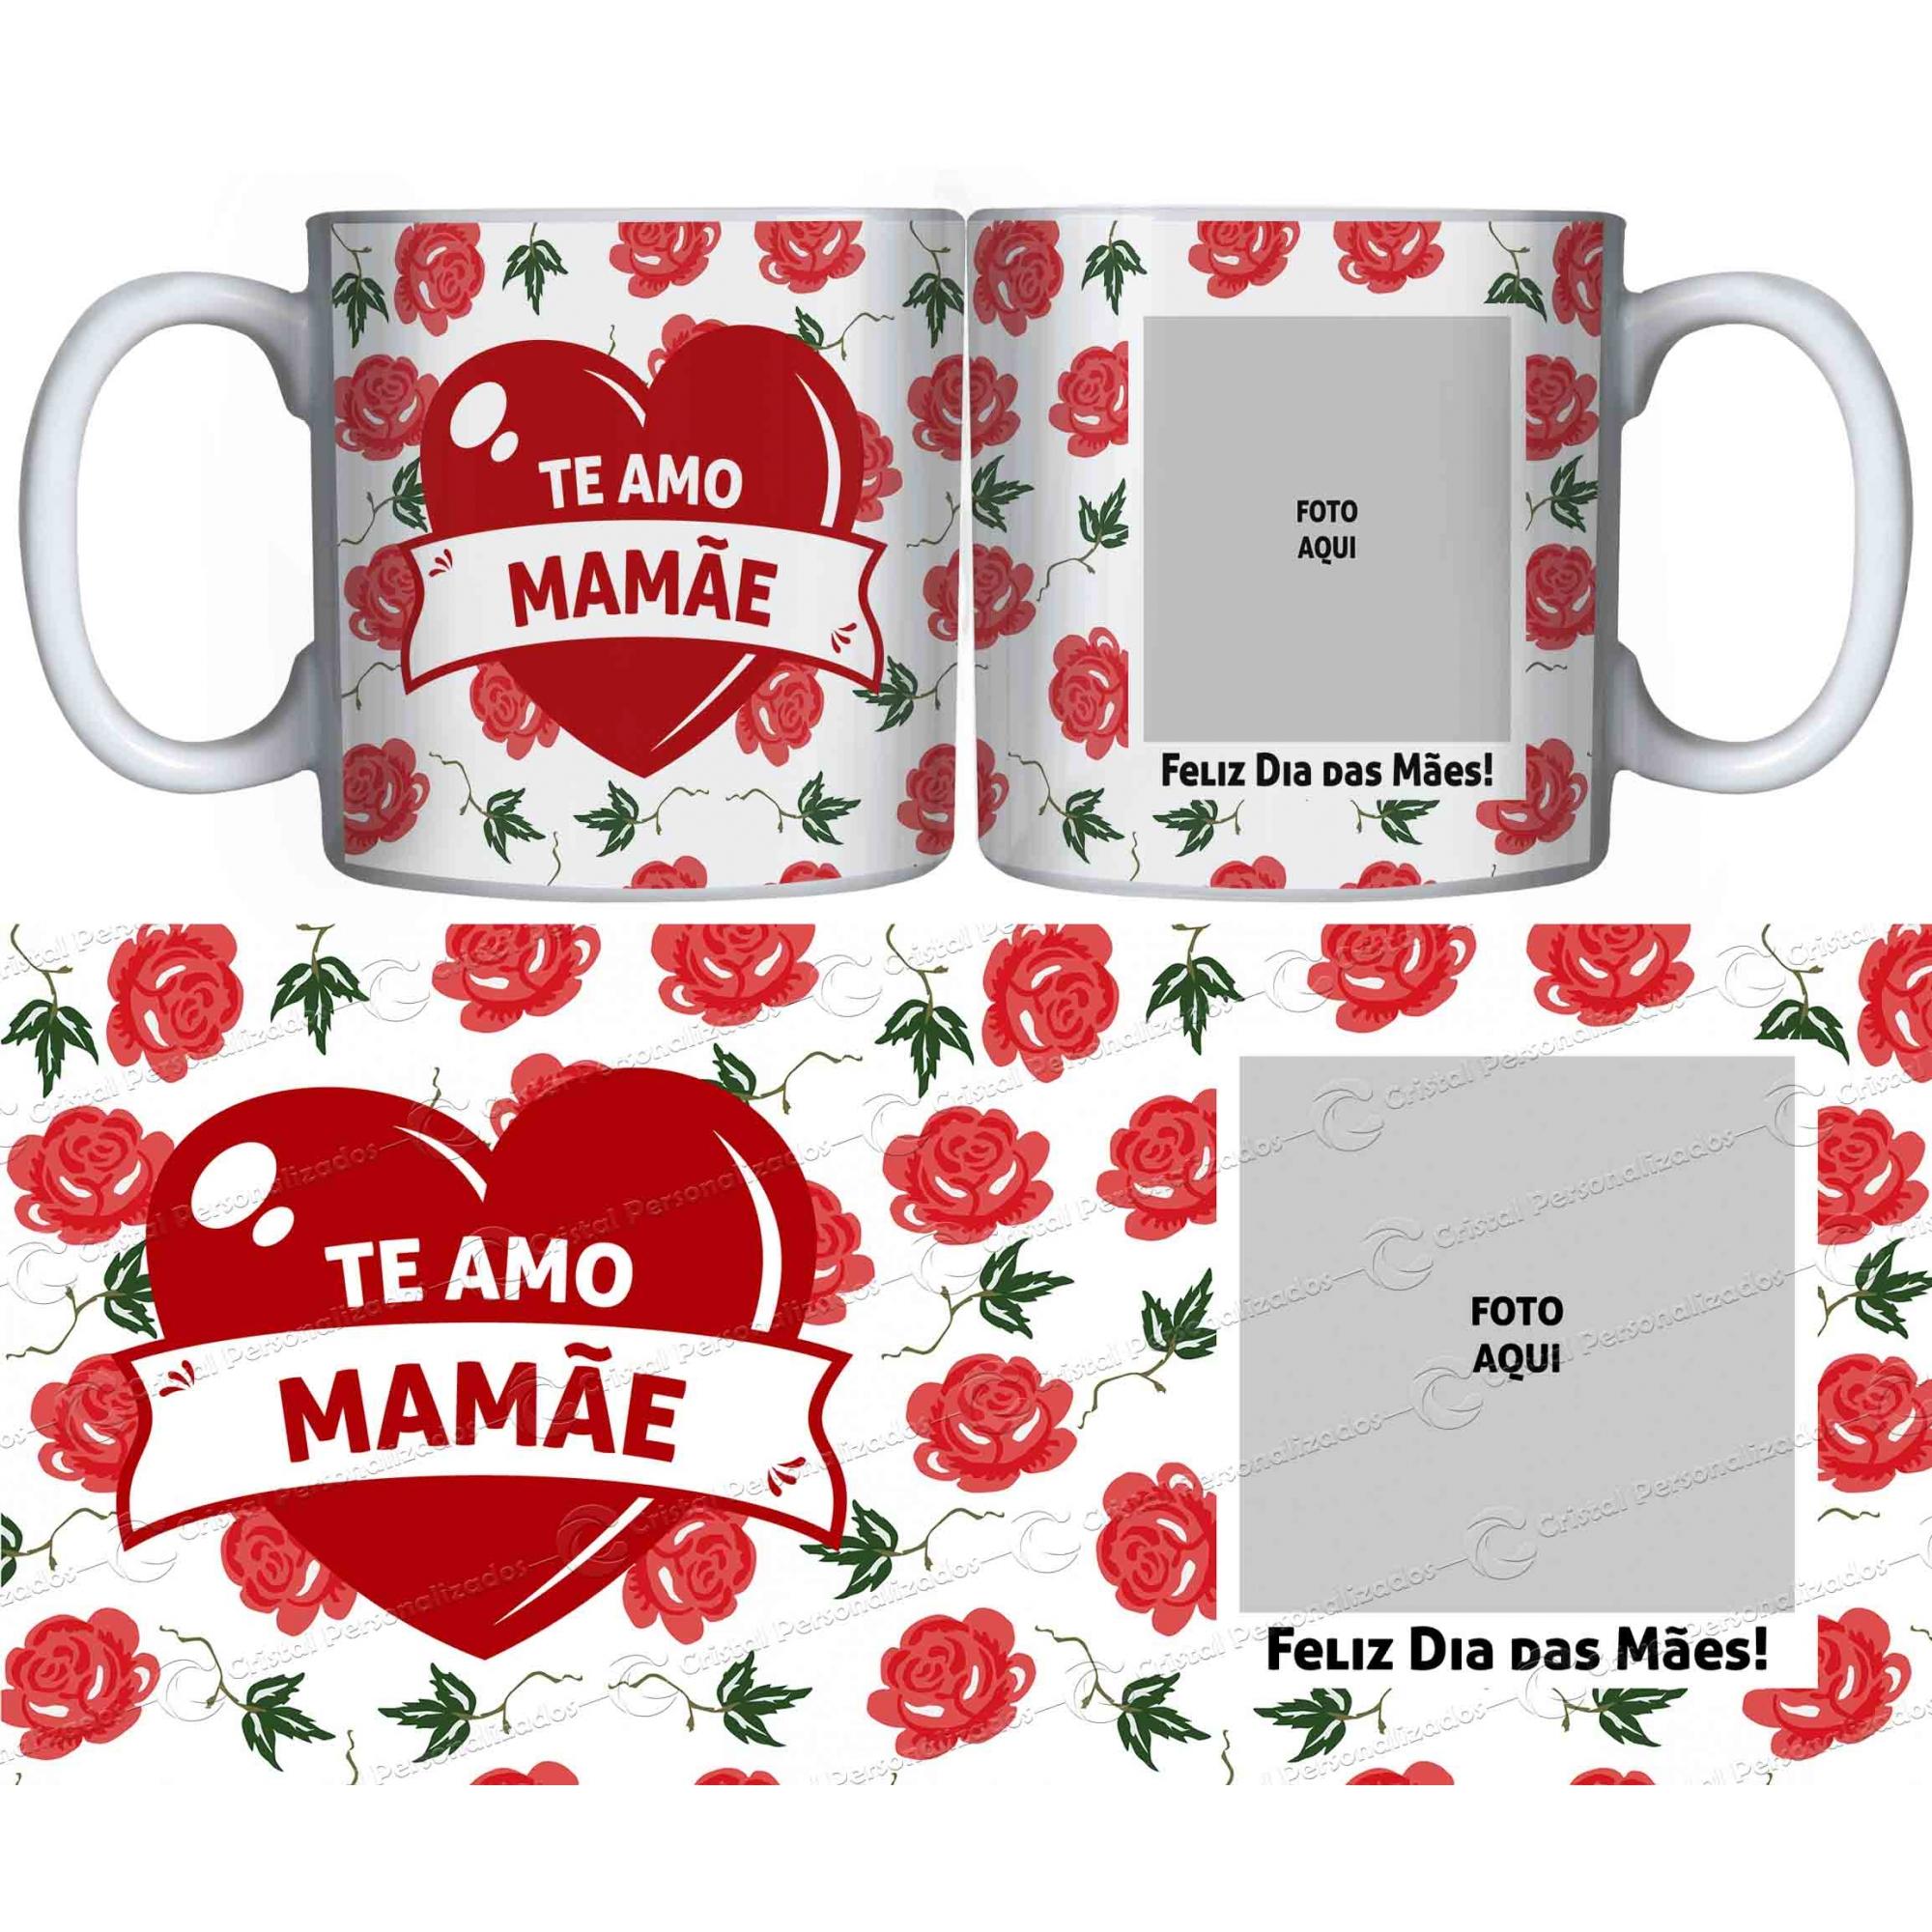 Caneca Personalizada Dia das Mães - Te Amo Mamãe